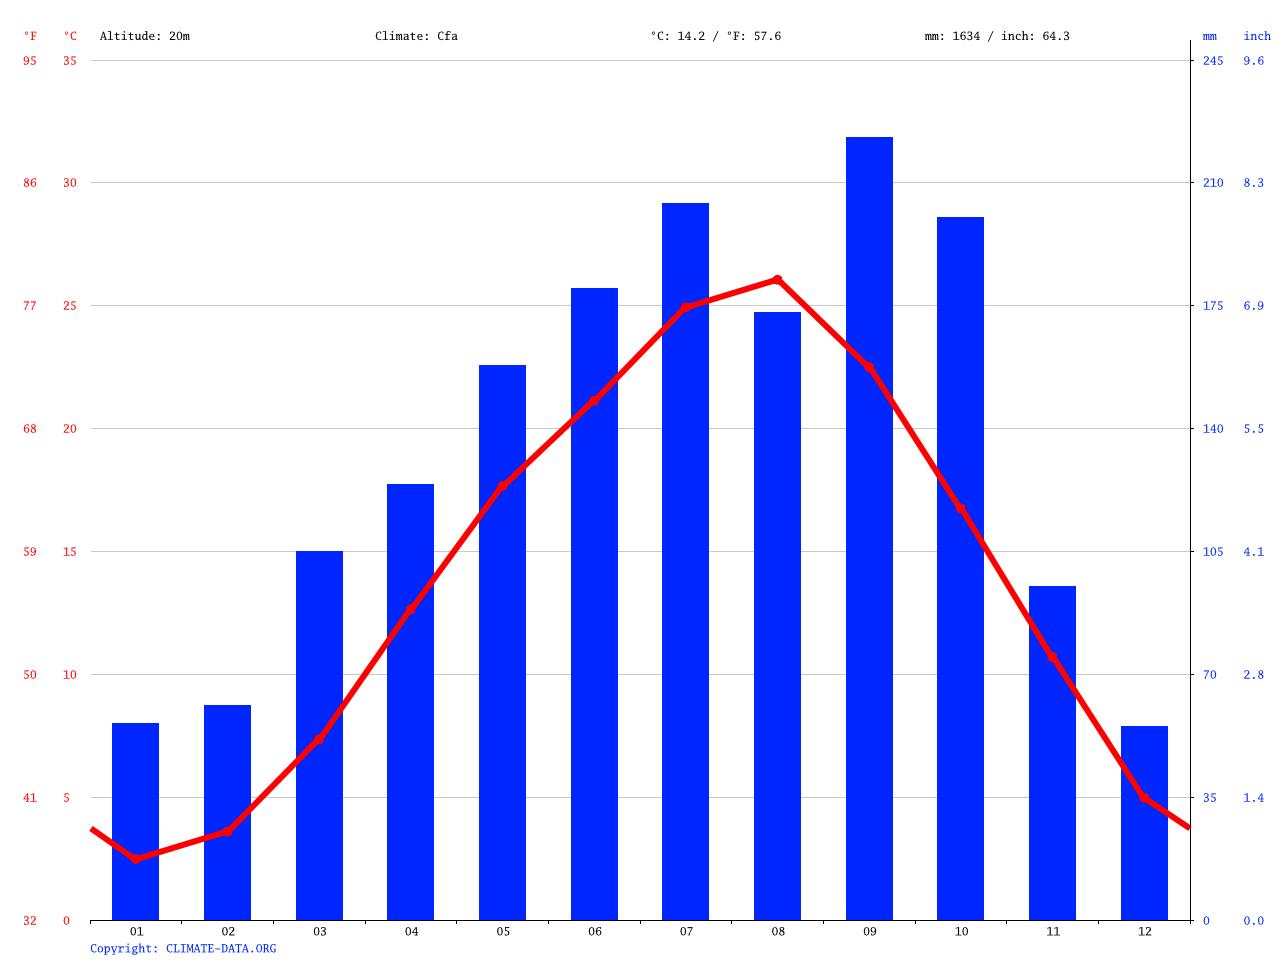 気候:古河市-気候グラフ、気温グラフ、雨温図 - Climate-Data.org